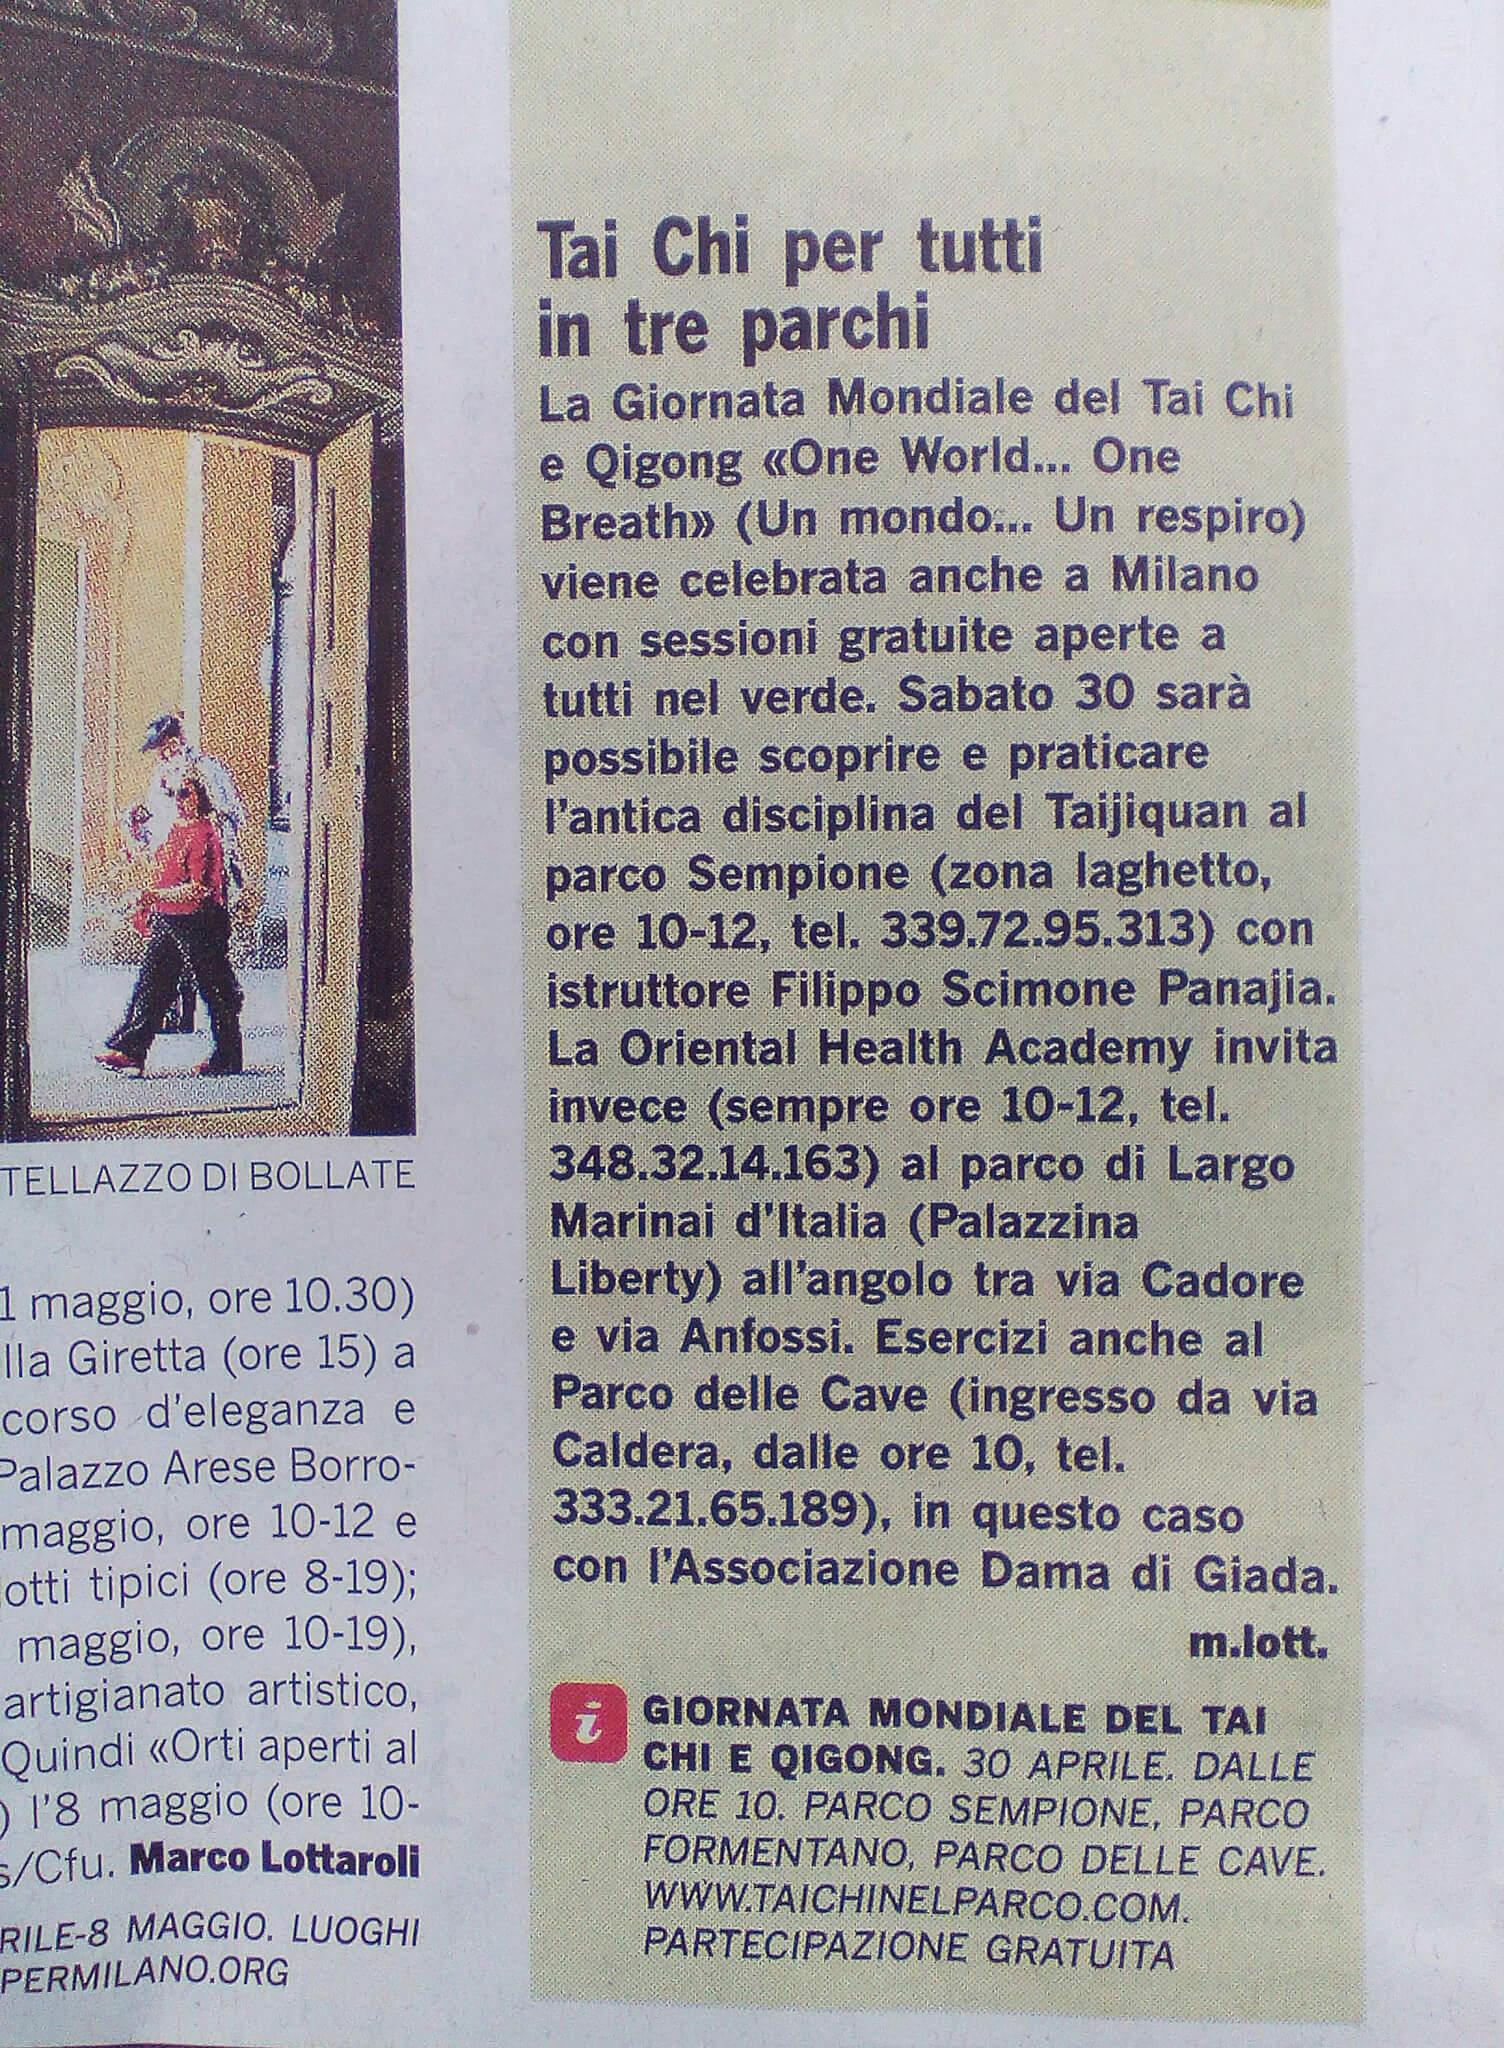 Sul Corriere della Sera Parlano del Tai Chi nel Parco istruttore Filippo Scimone Panajia